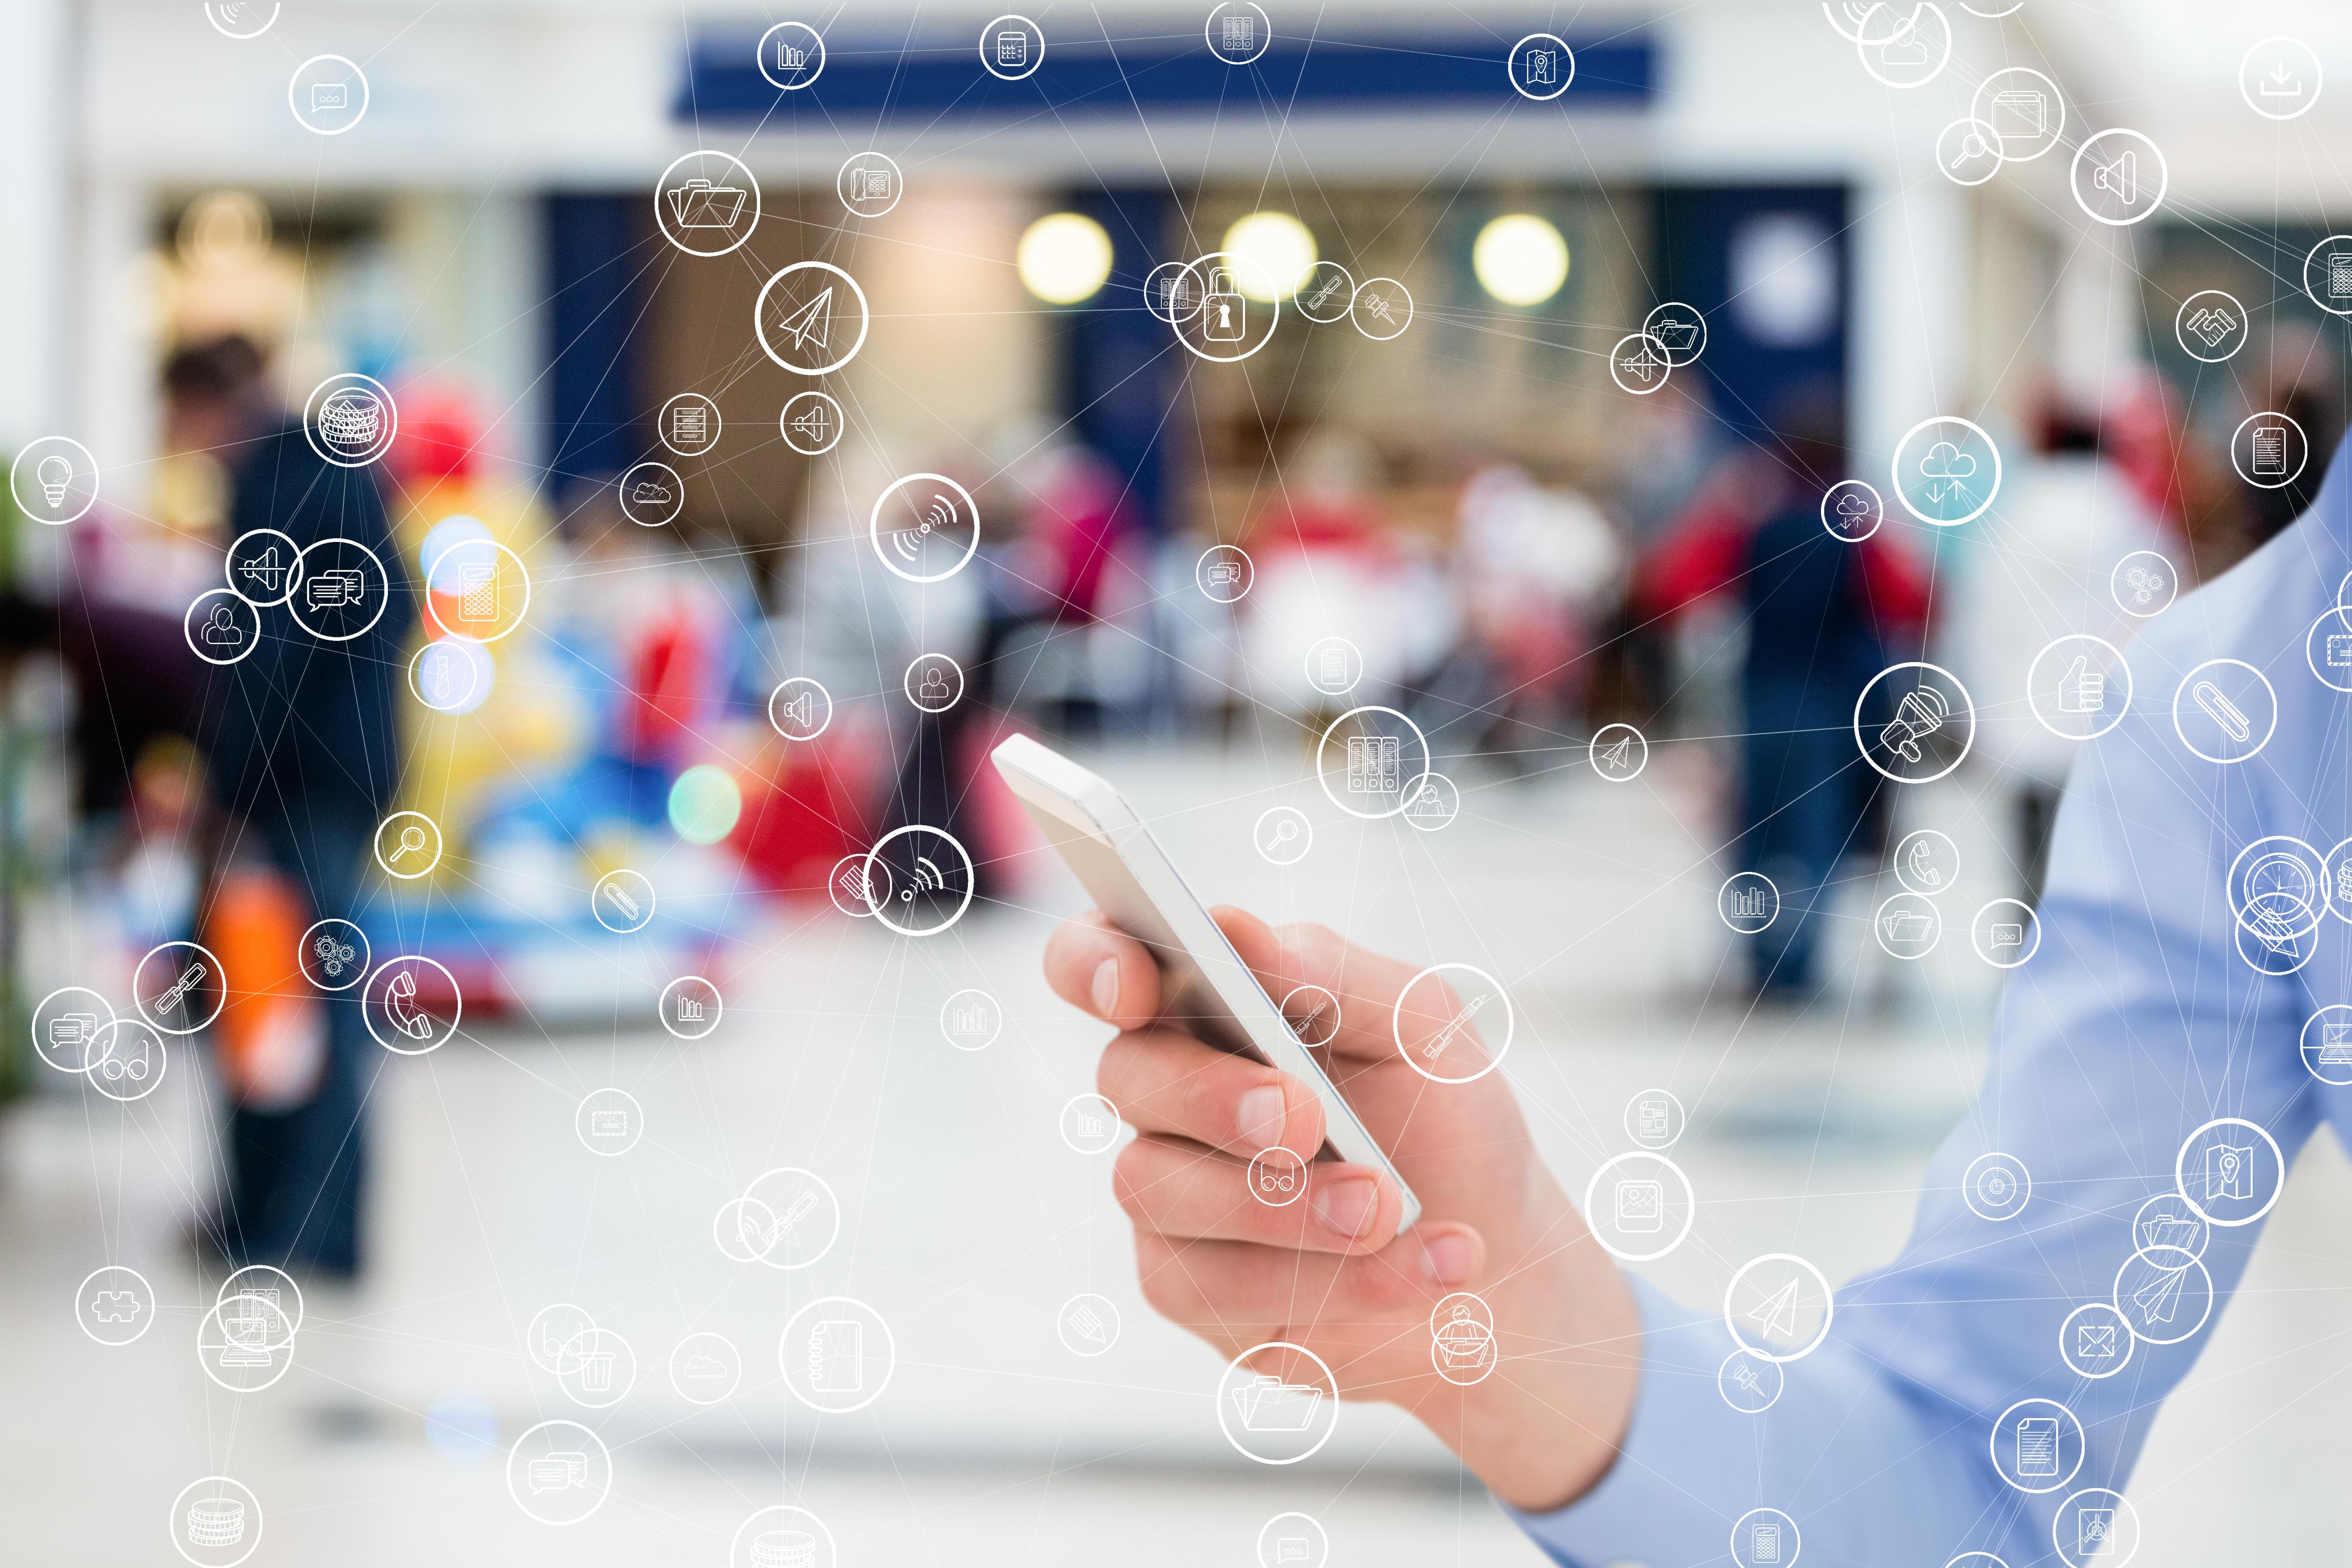 Smartphone phát triển và đem đến những trải nghiệm chưa từng có cho người dùng